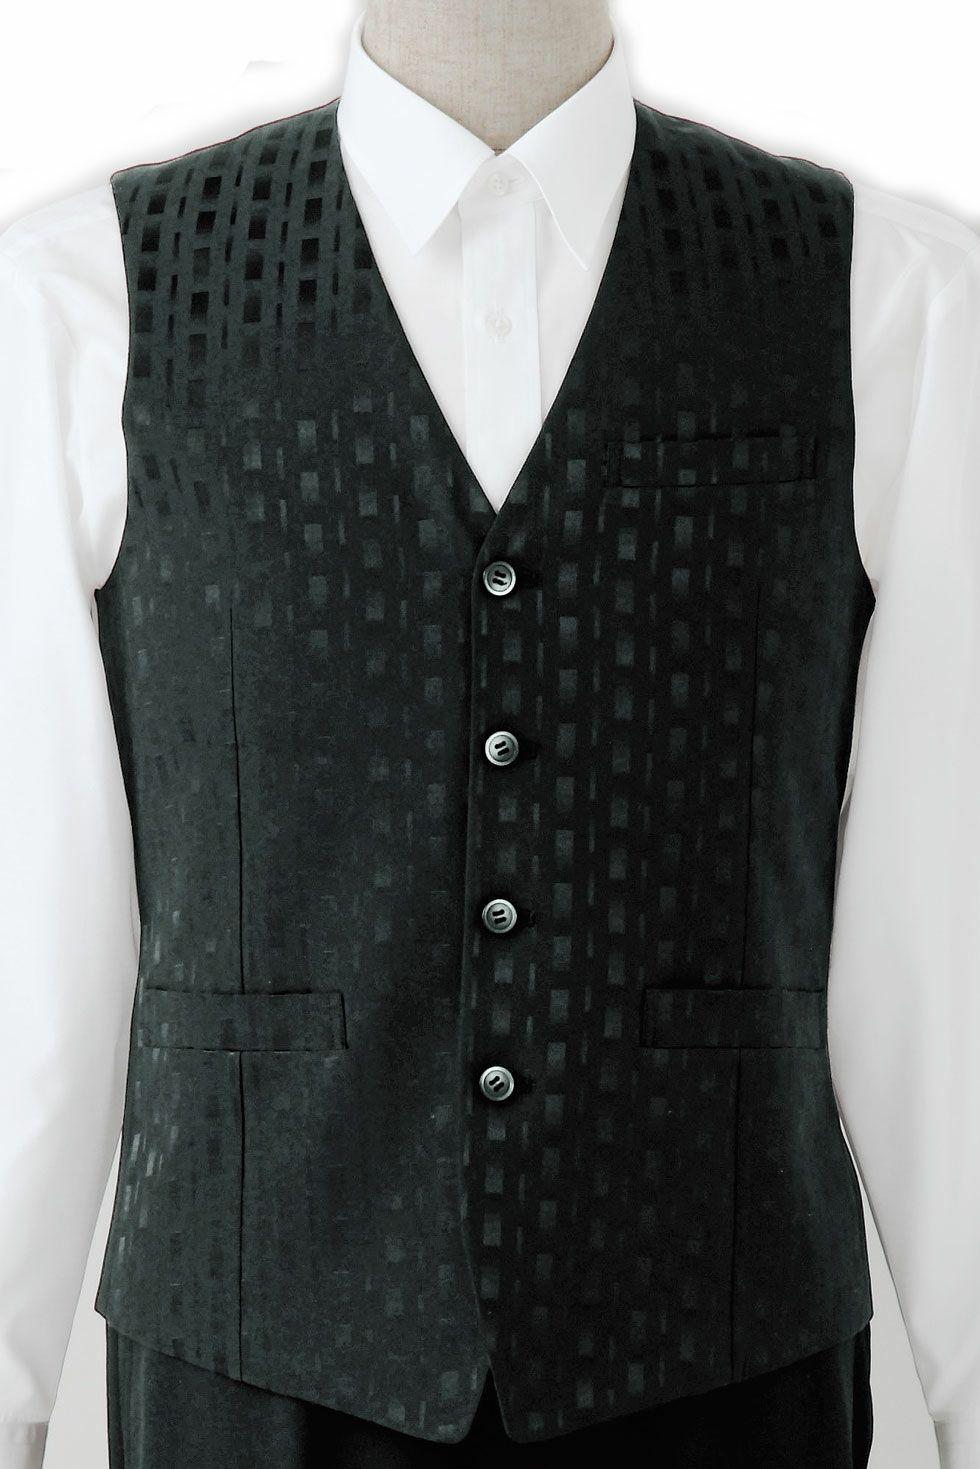 ブラック/竹の織柄がおしゃれでかっこいい高級メンズ黒ベスト